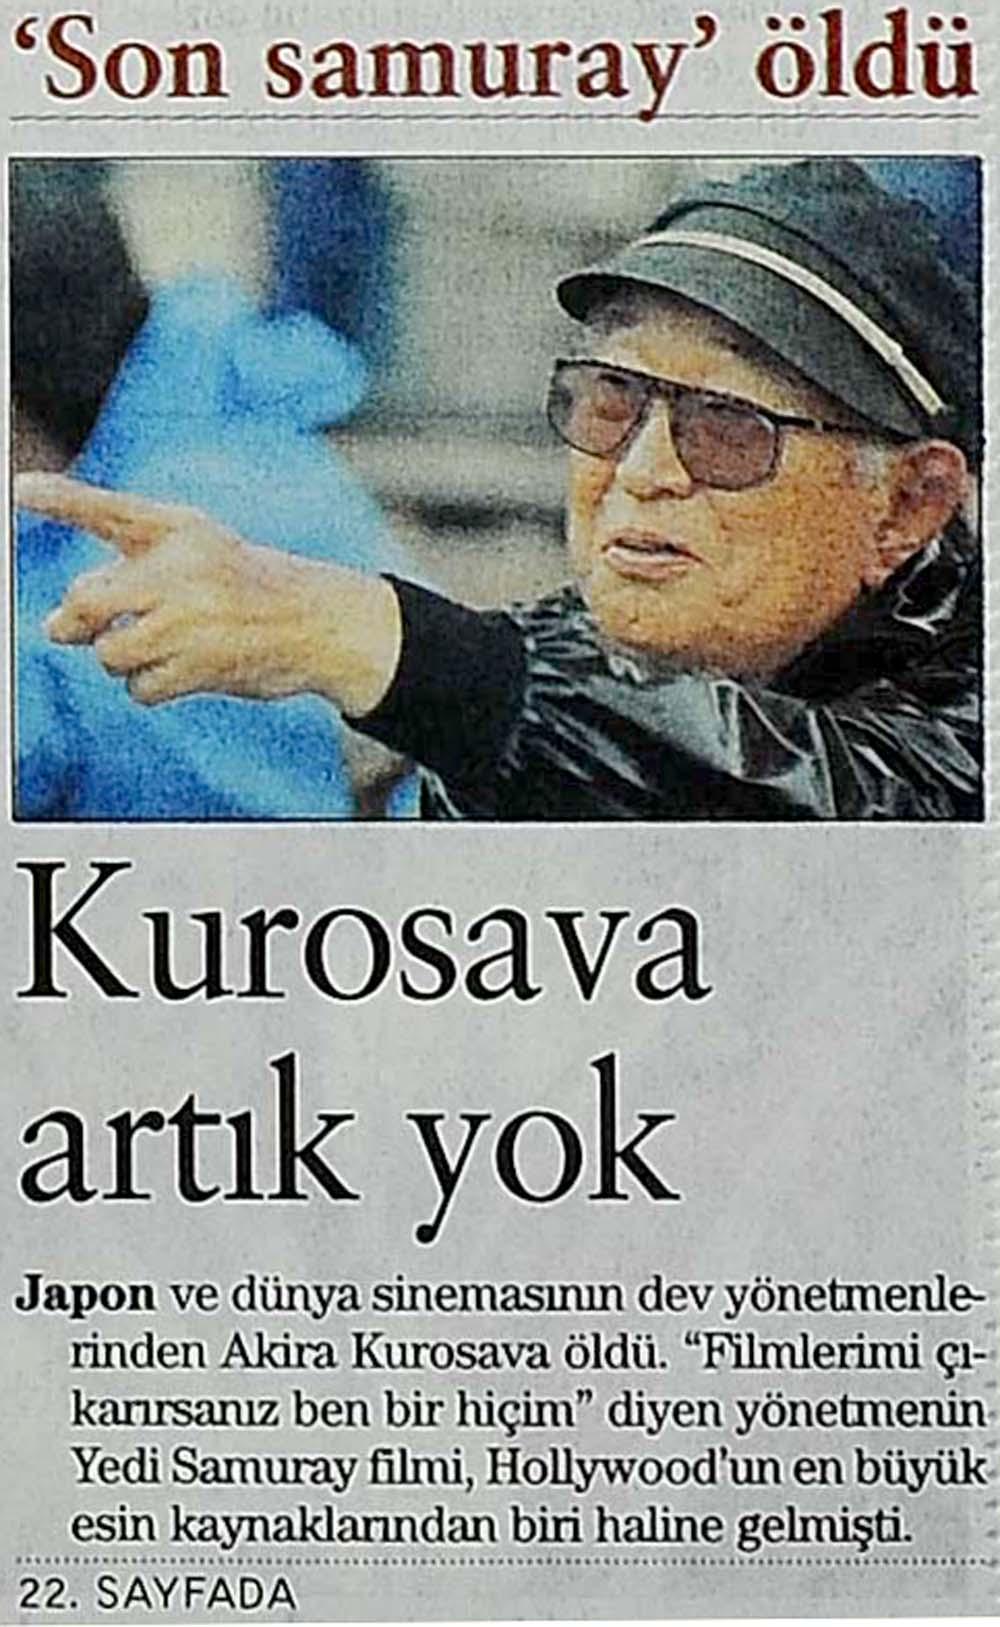 Kurosava artık yok